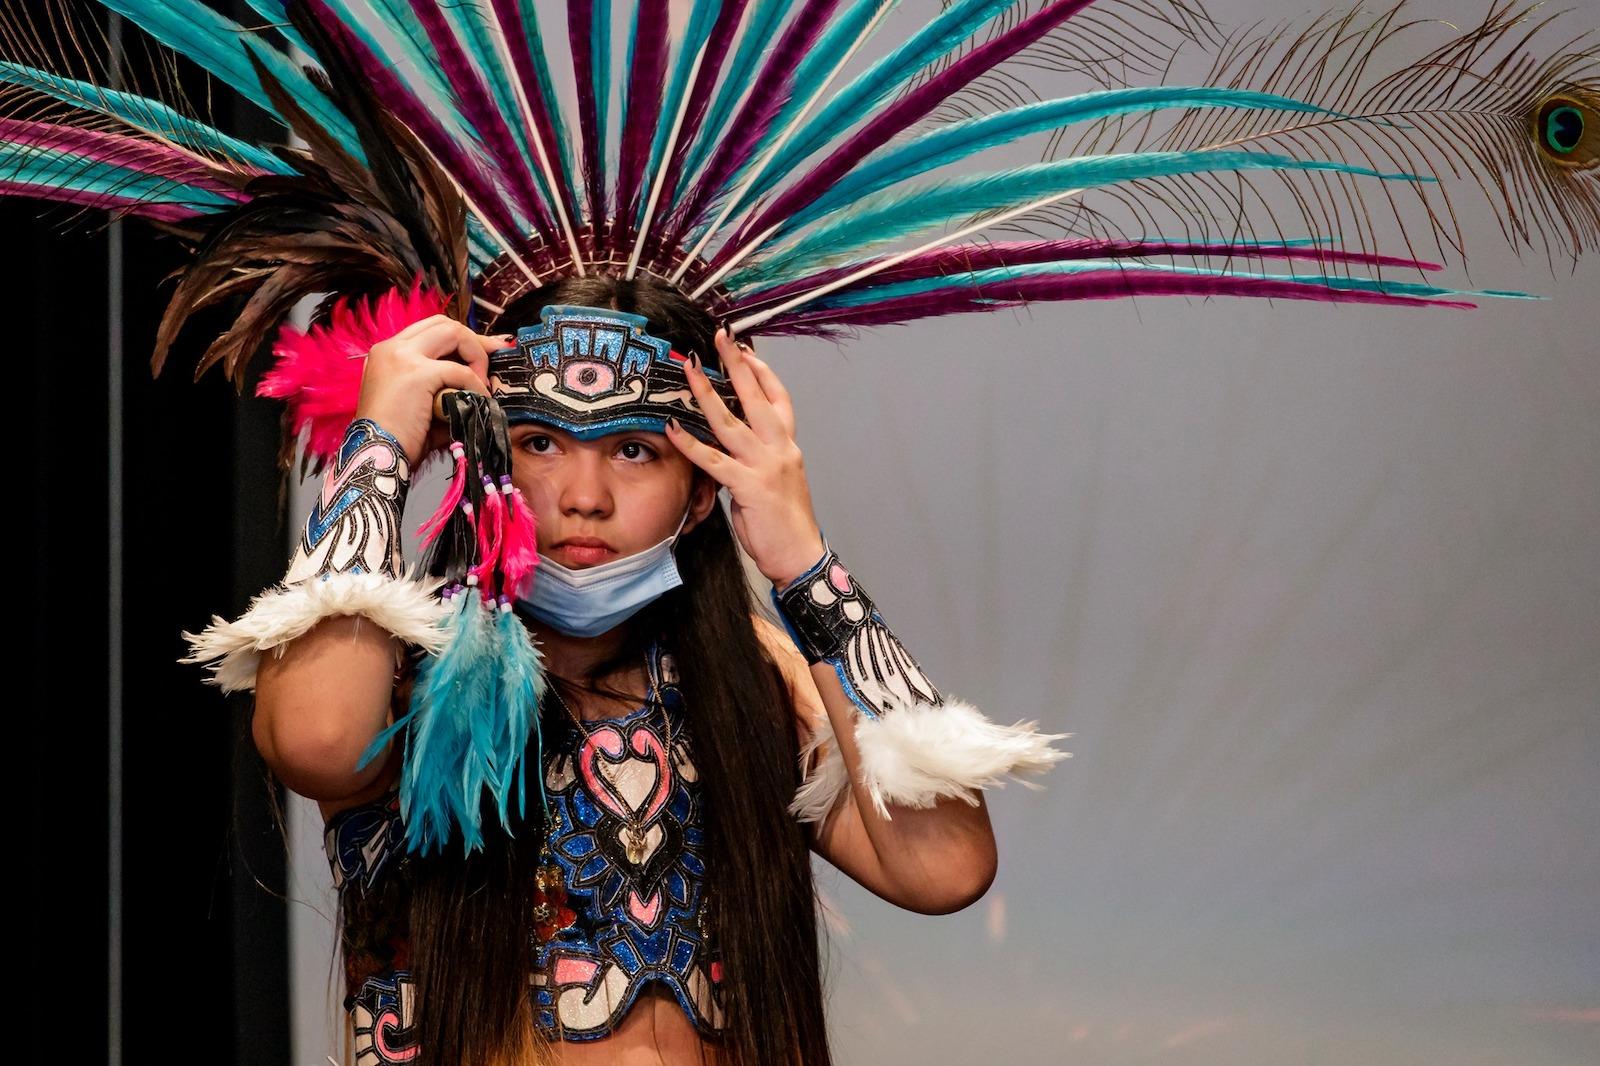 Image of a aztec dance performer at Brecknridge's Dia De Los Muetros festivities in Colorado